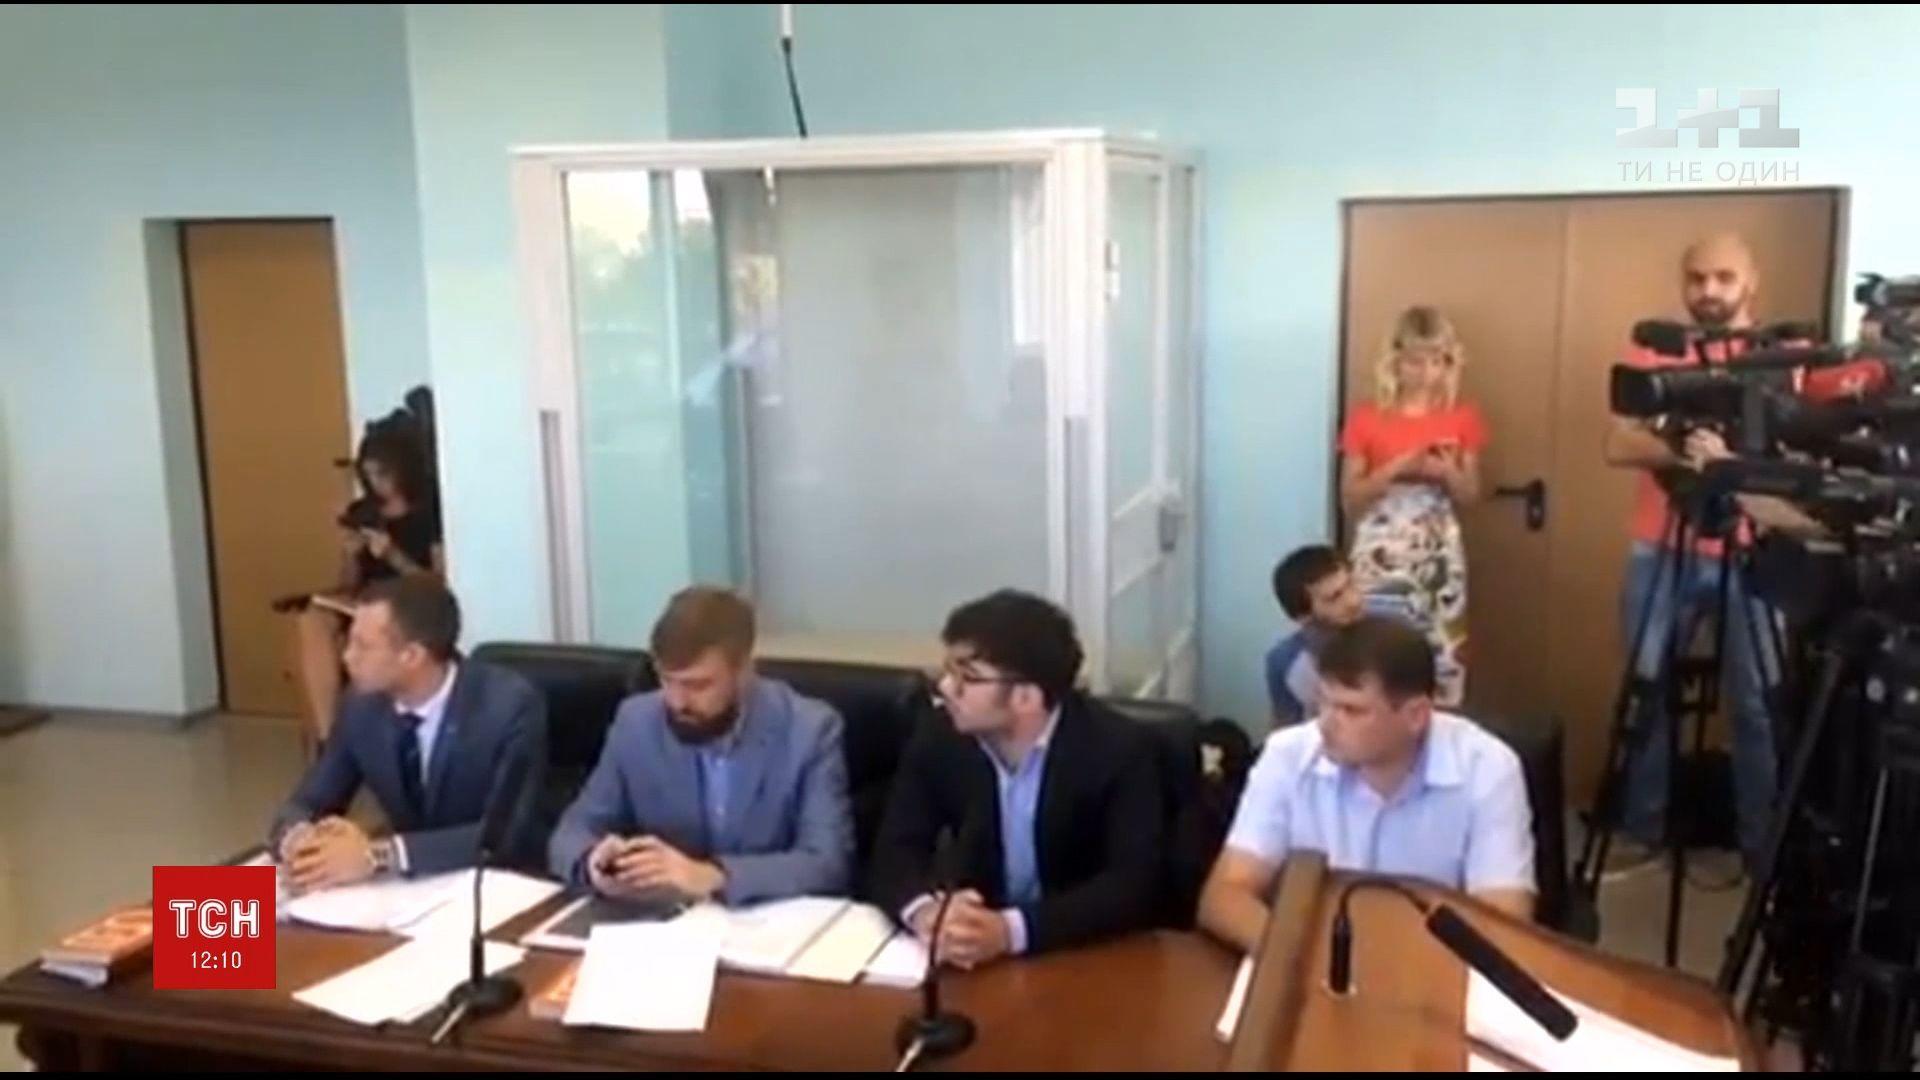 ДТП ссыном Шуфрича: суд огласил вердикт